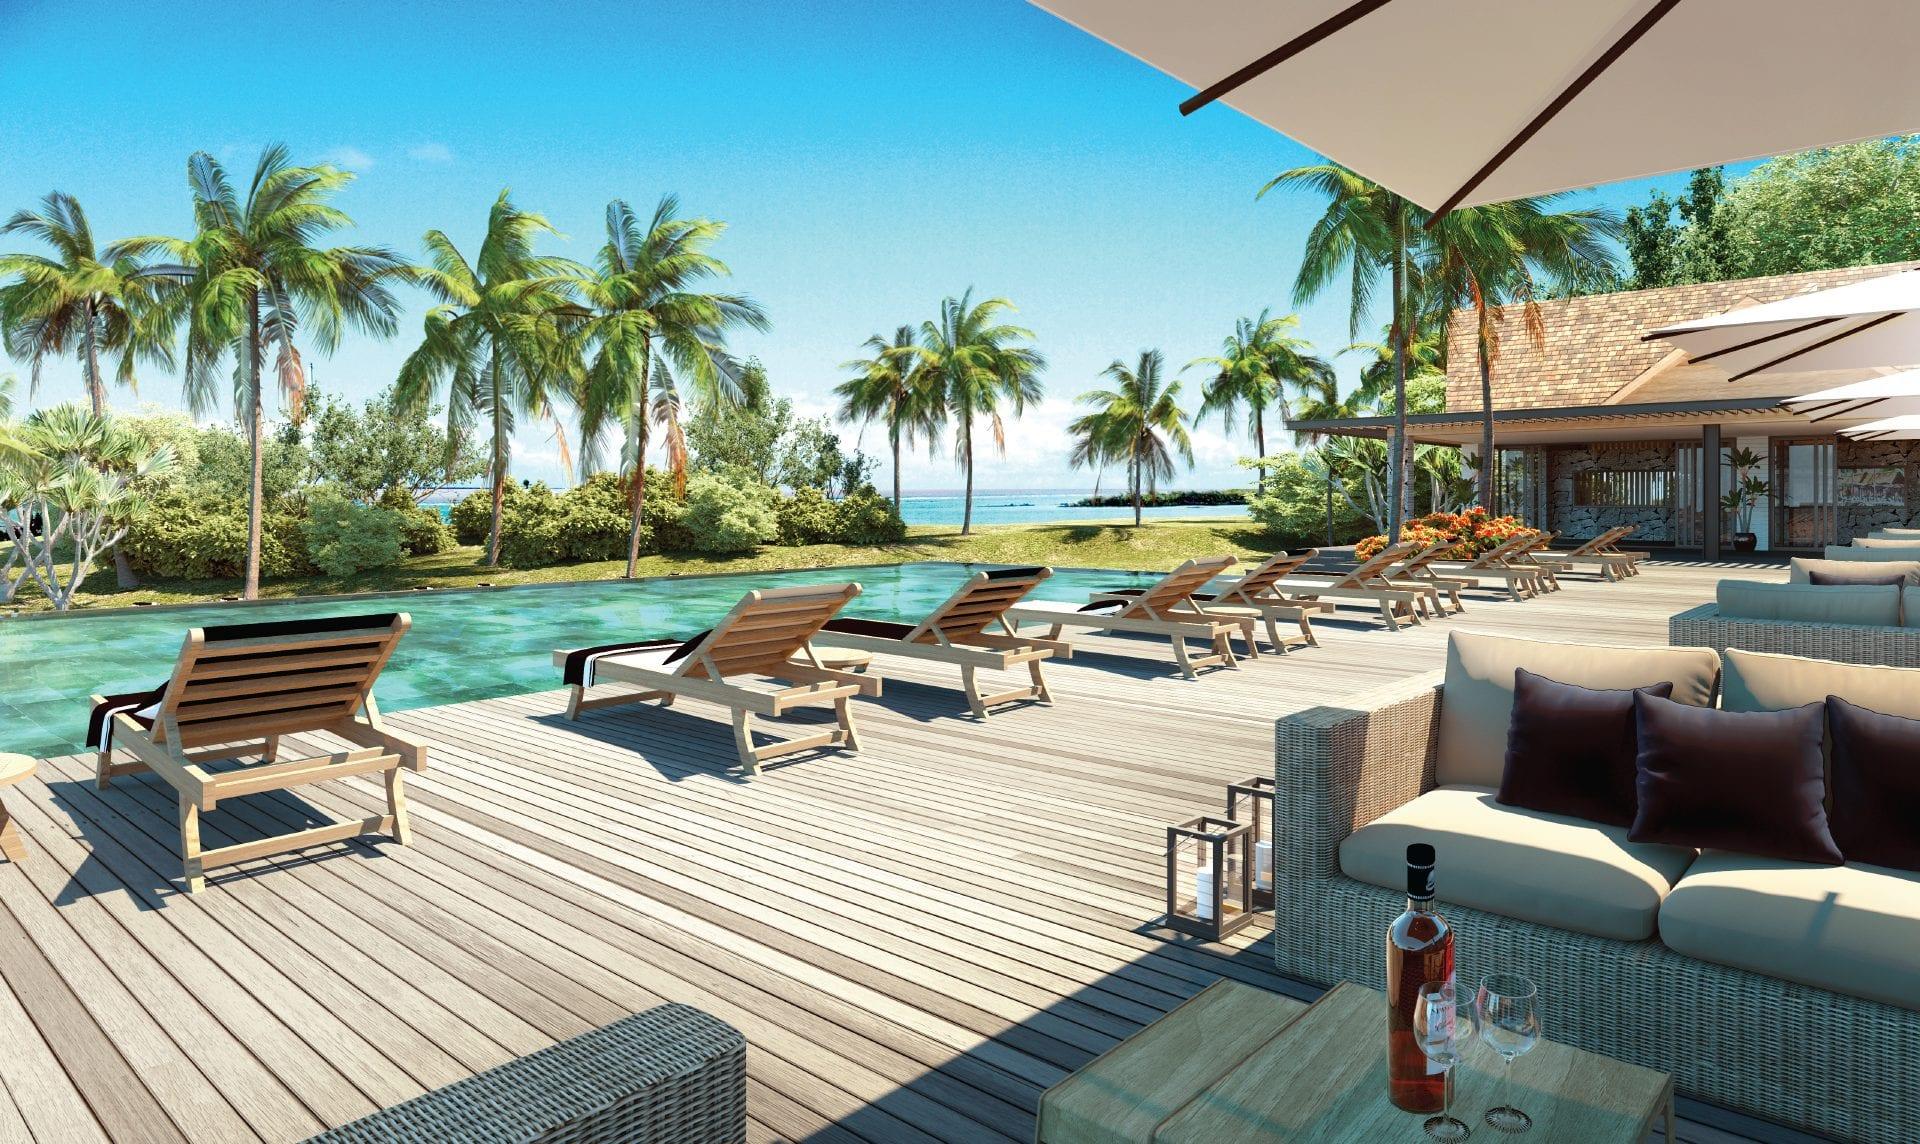 Les services de style « Resort » de St. Antoine – Private Residence